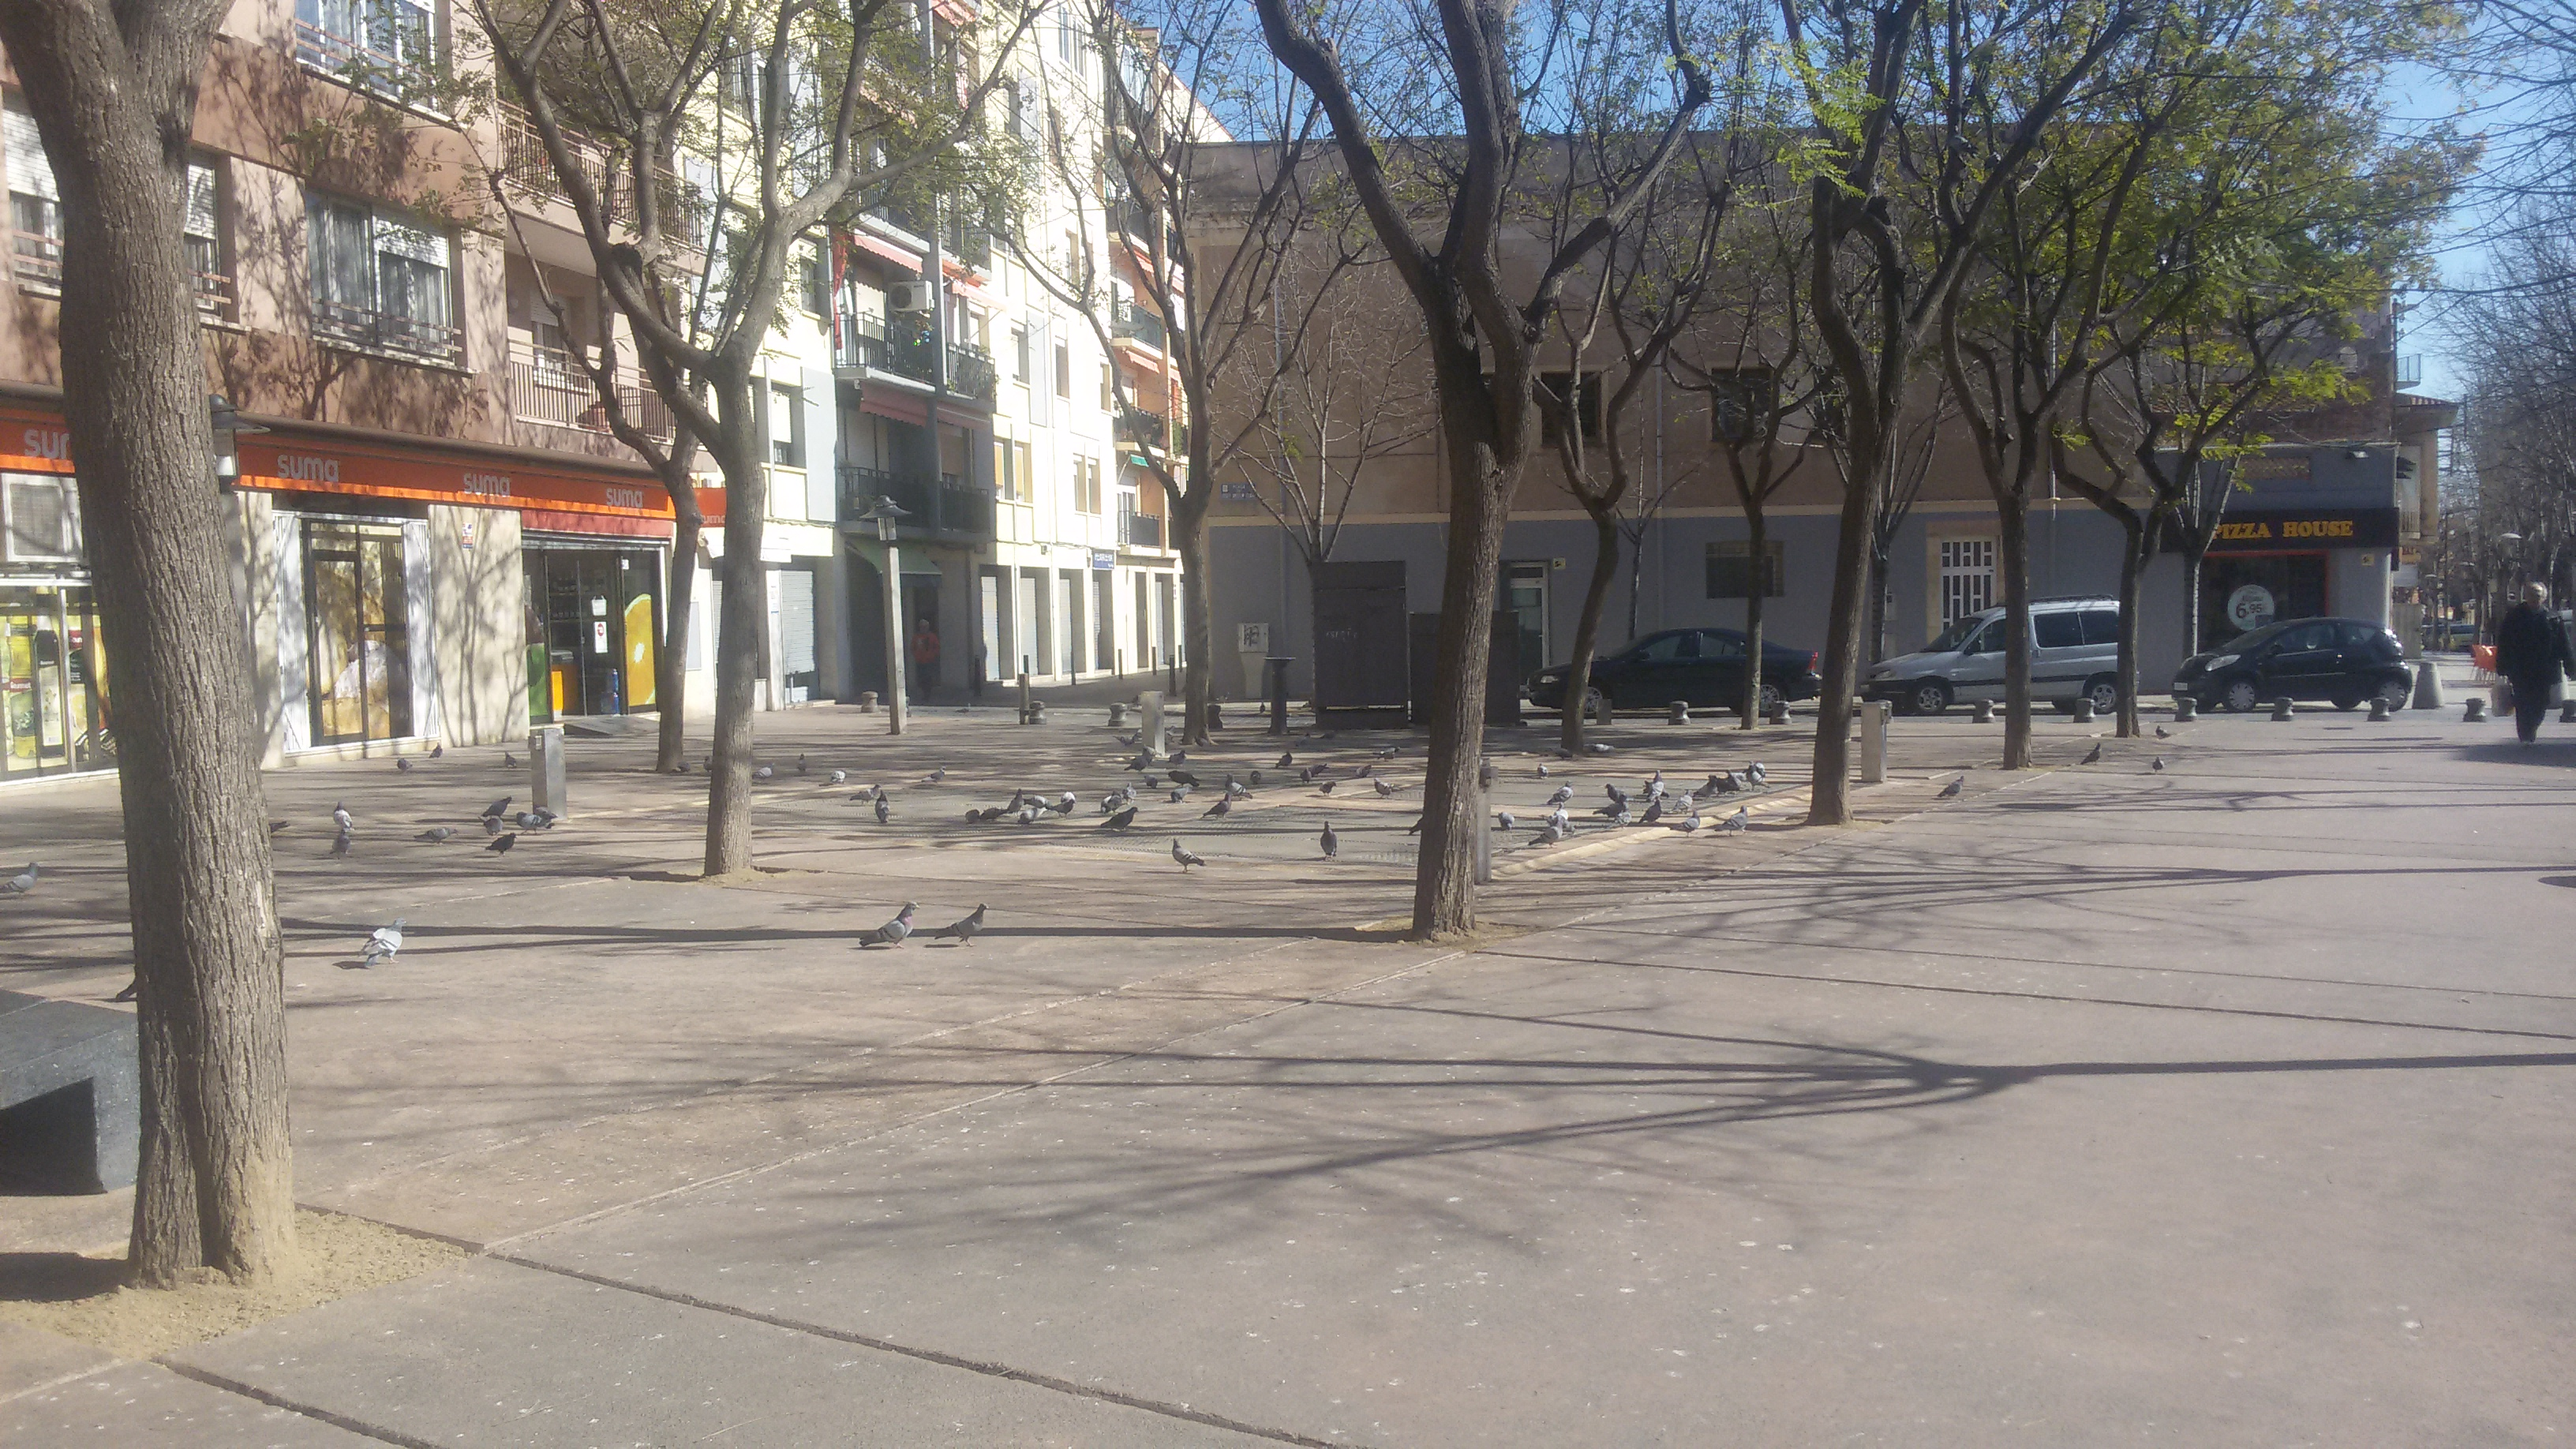 Piso en venta en El Carme, Reus, Tarragona, Calle Riera de Miro, 120.000 €, 3 habitaciones, 1 baño, 100 m2